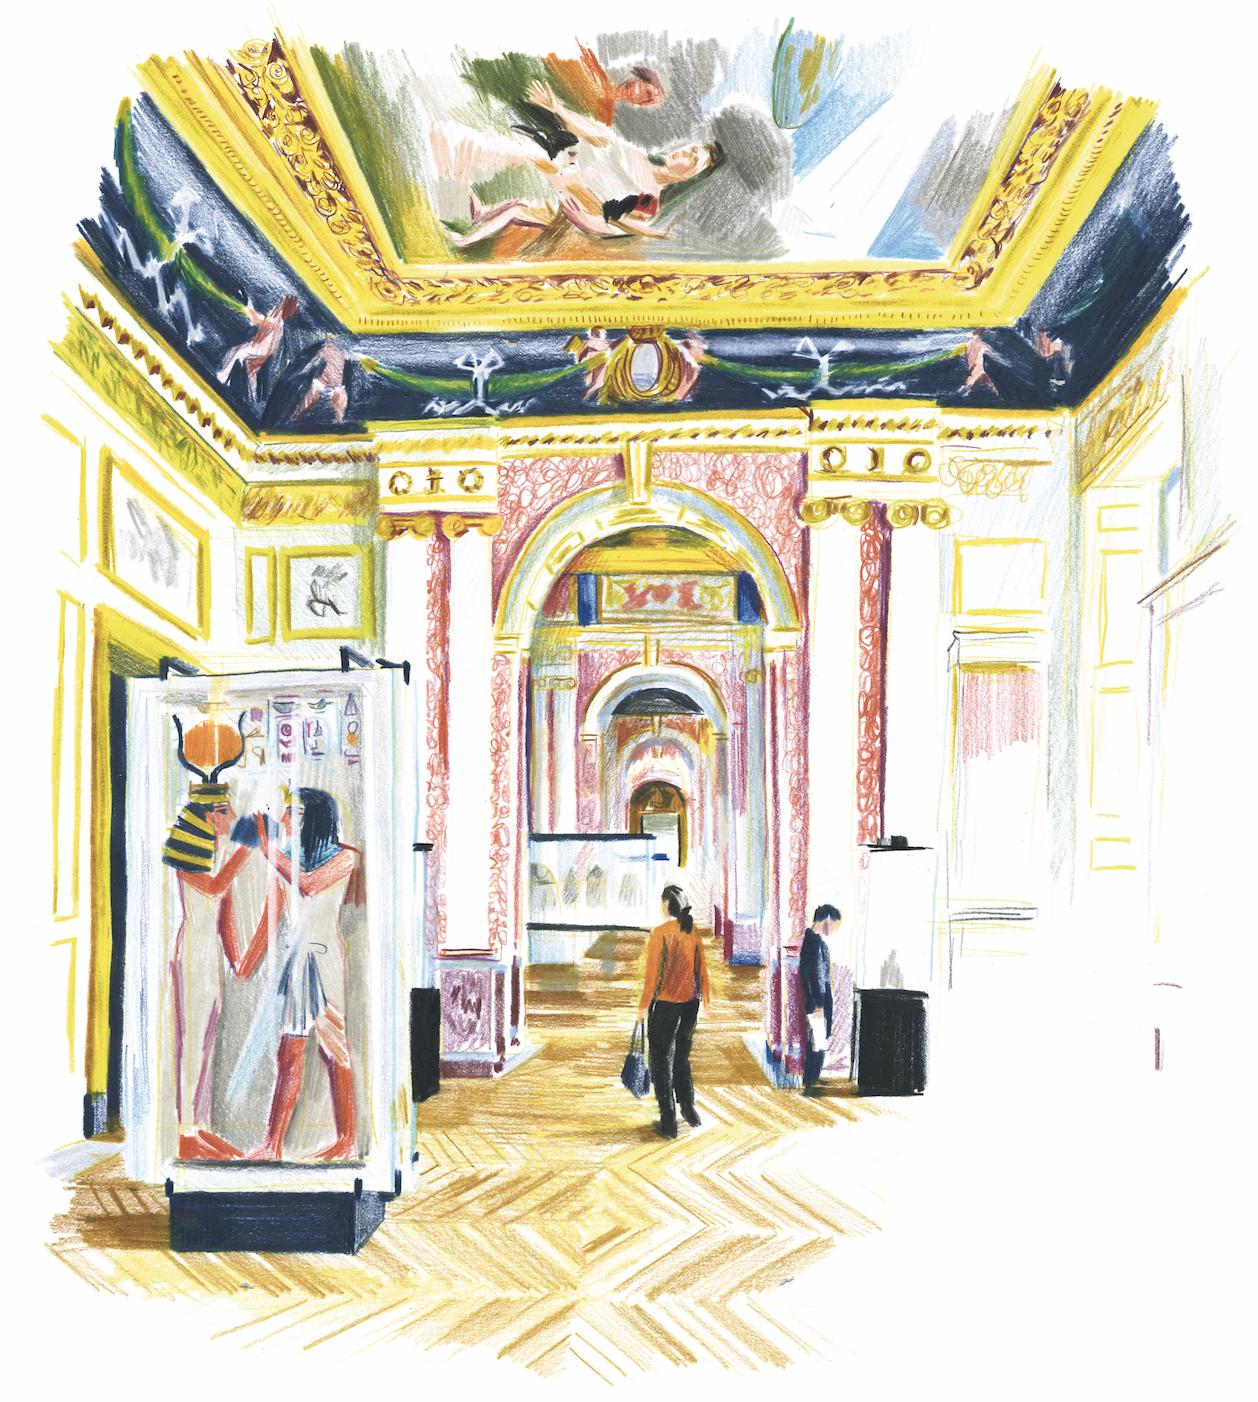 La déesse Hathor accueille Séthi Ier | GALERIE TREIZE-DIX I LUCILE PIKETTY | La déesse Hathor accueille Séthi Ier